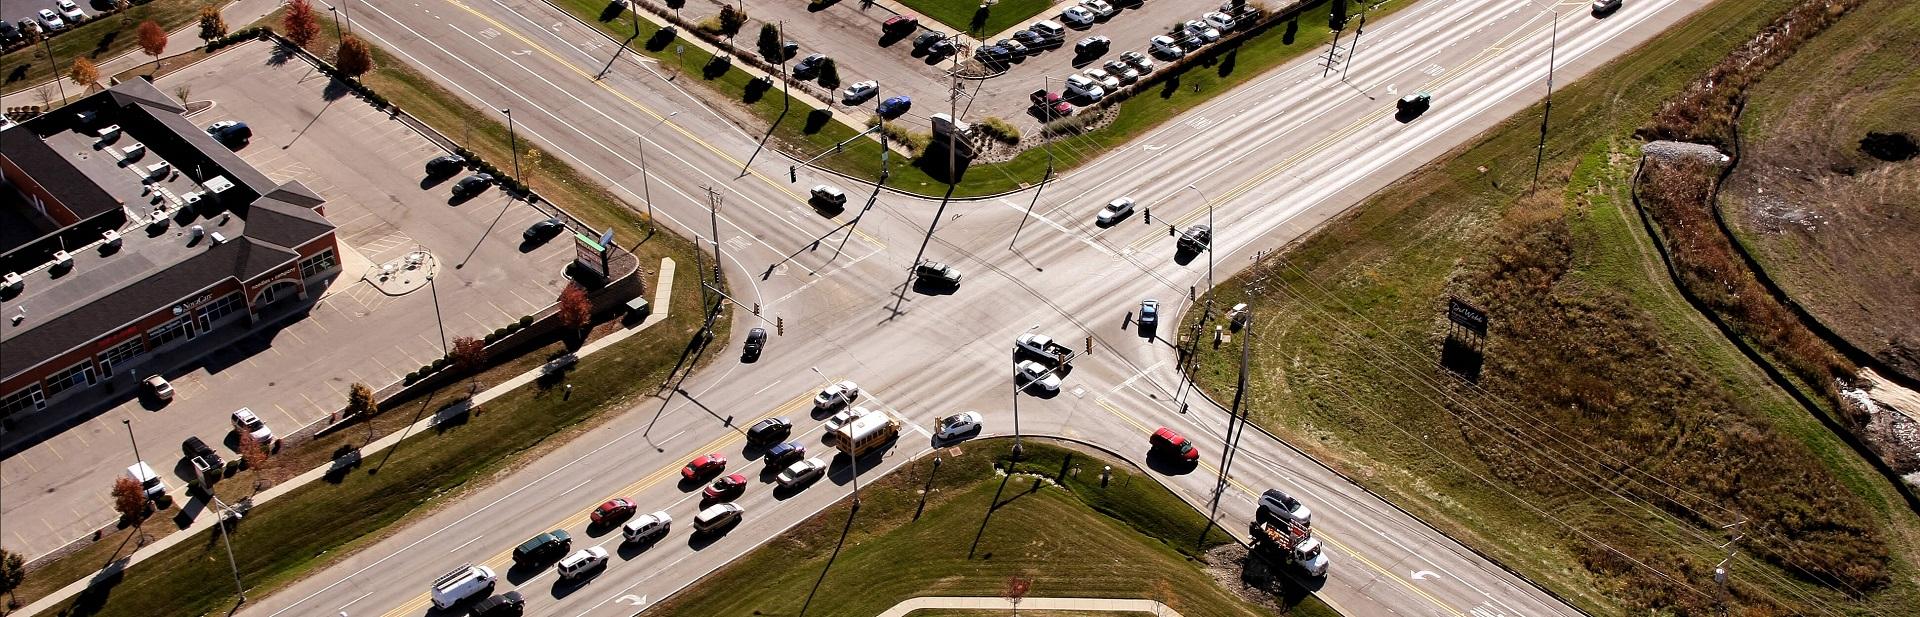 Geometrik Düzenleme ve Trafik Sirkülasyonu